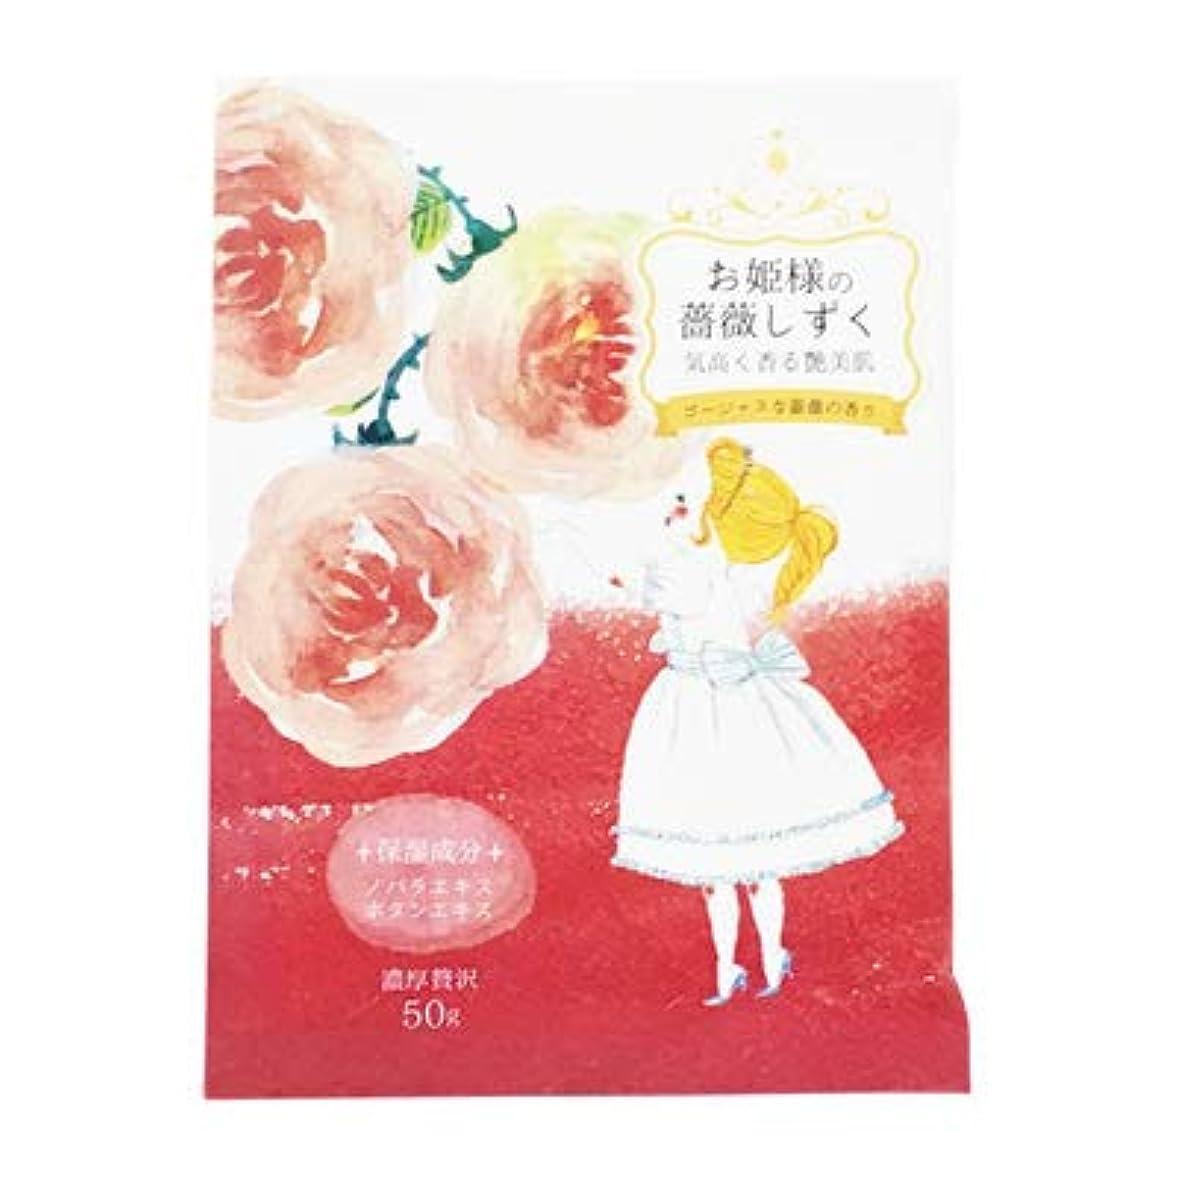 投資ミット支払う【まとめ買い3個セット】 お姫様風呂 薔薇しずく